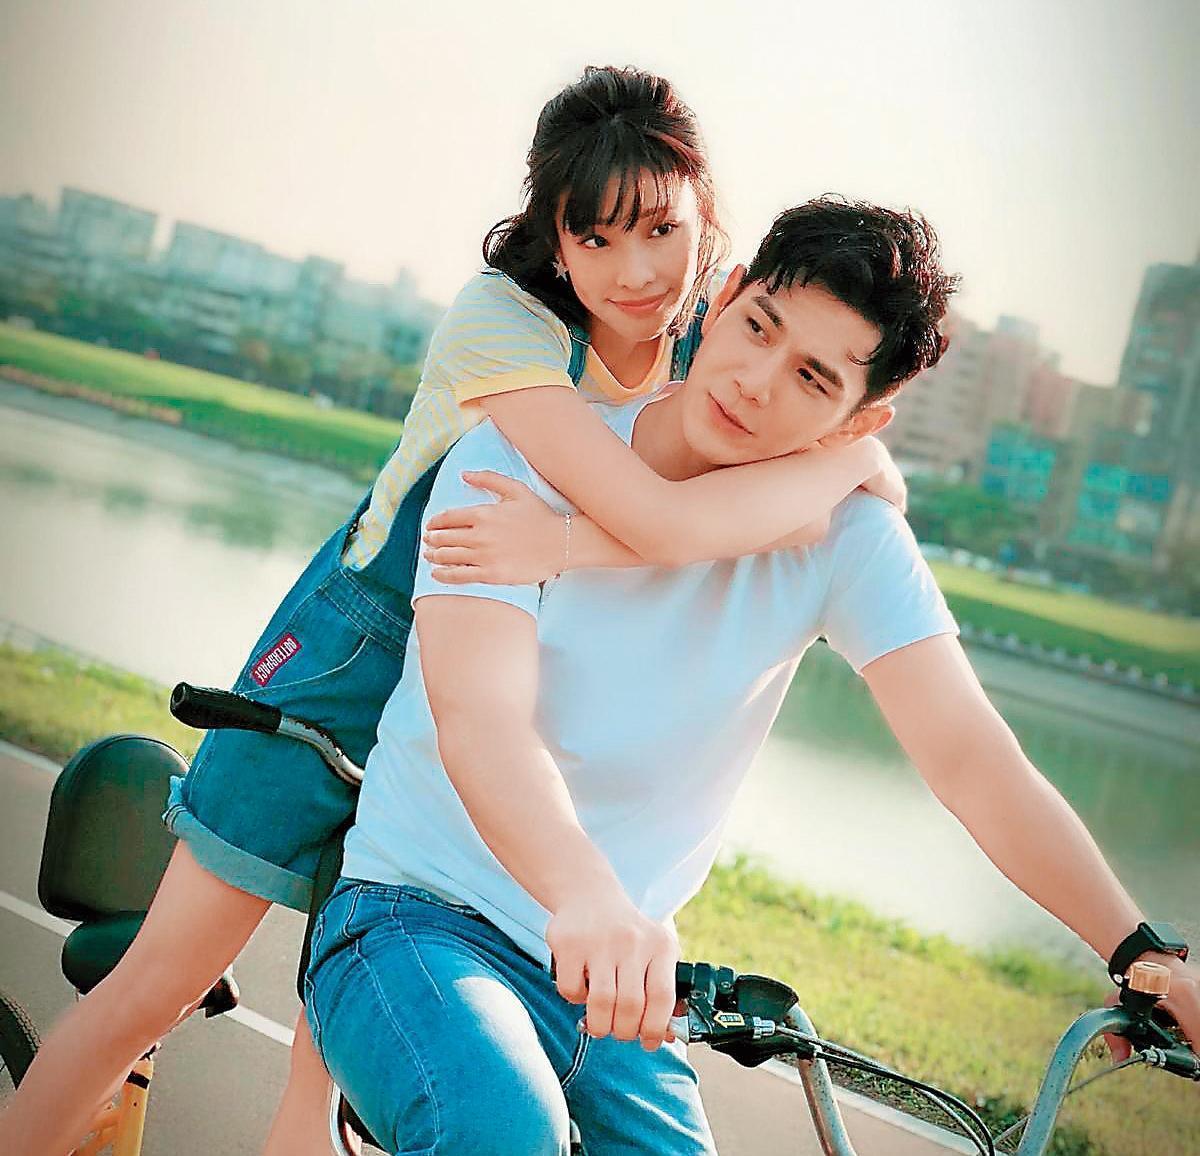 祖雄和袁詠琳首度合作新戲就有許多親密戲,兩人開拍前就經常傳訊息培養默契。(翻攝自CHOCO TV)